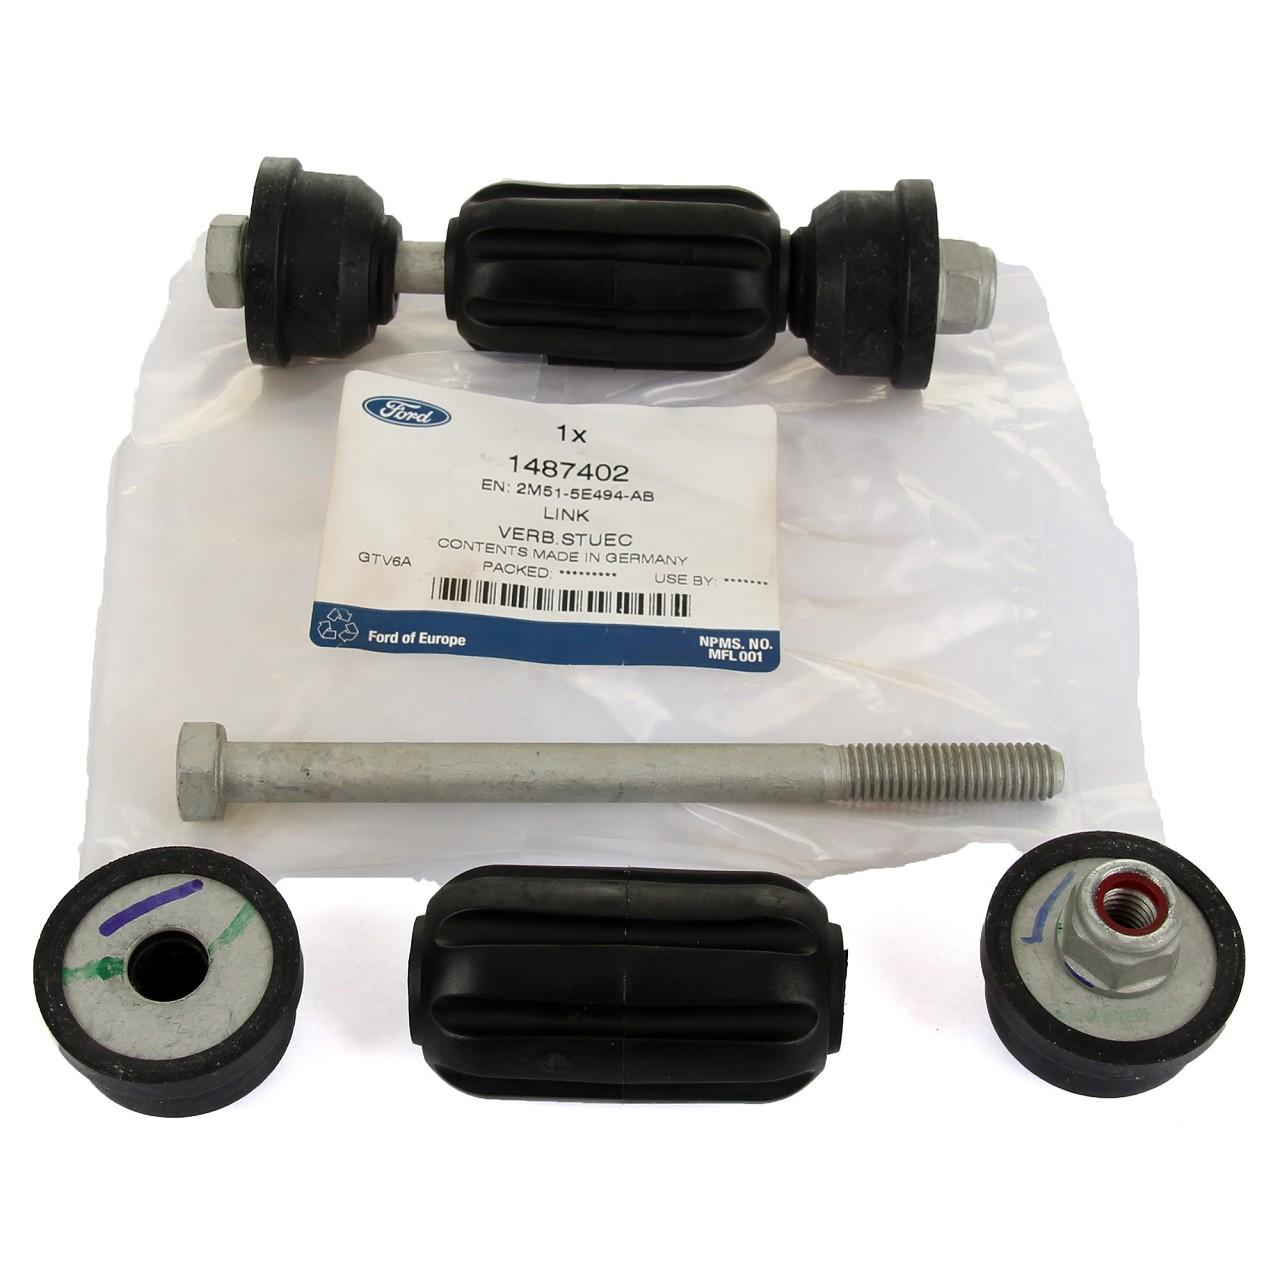 2x ORIGINAL Ford Gelenkstange Koppelstange Rep.-Satz FOCUS I MK1 hinten 1487402